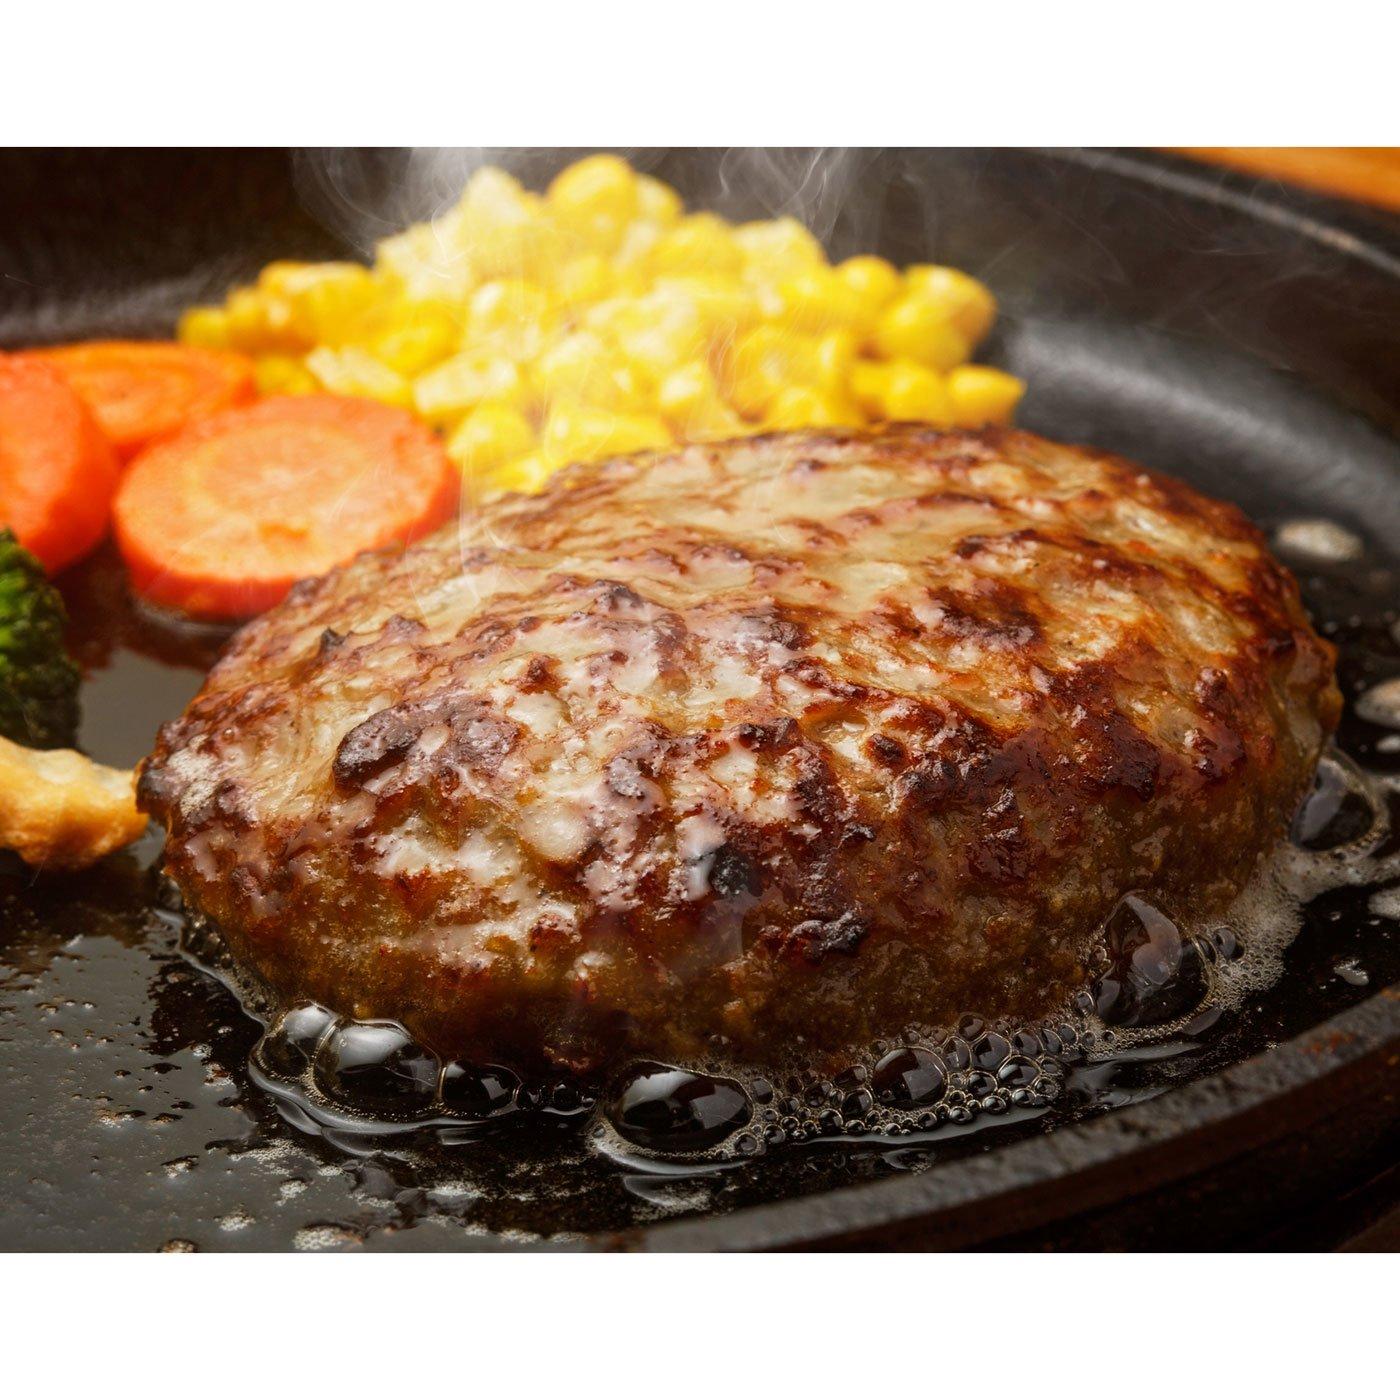 黒毛和牛焼肉「はらだ本店」 黒毛和牛焼きハンバーグ「湯煎タイプ」